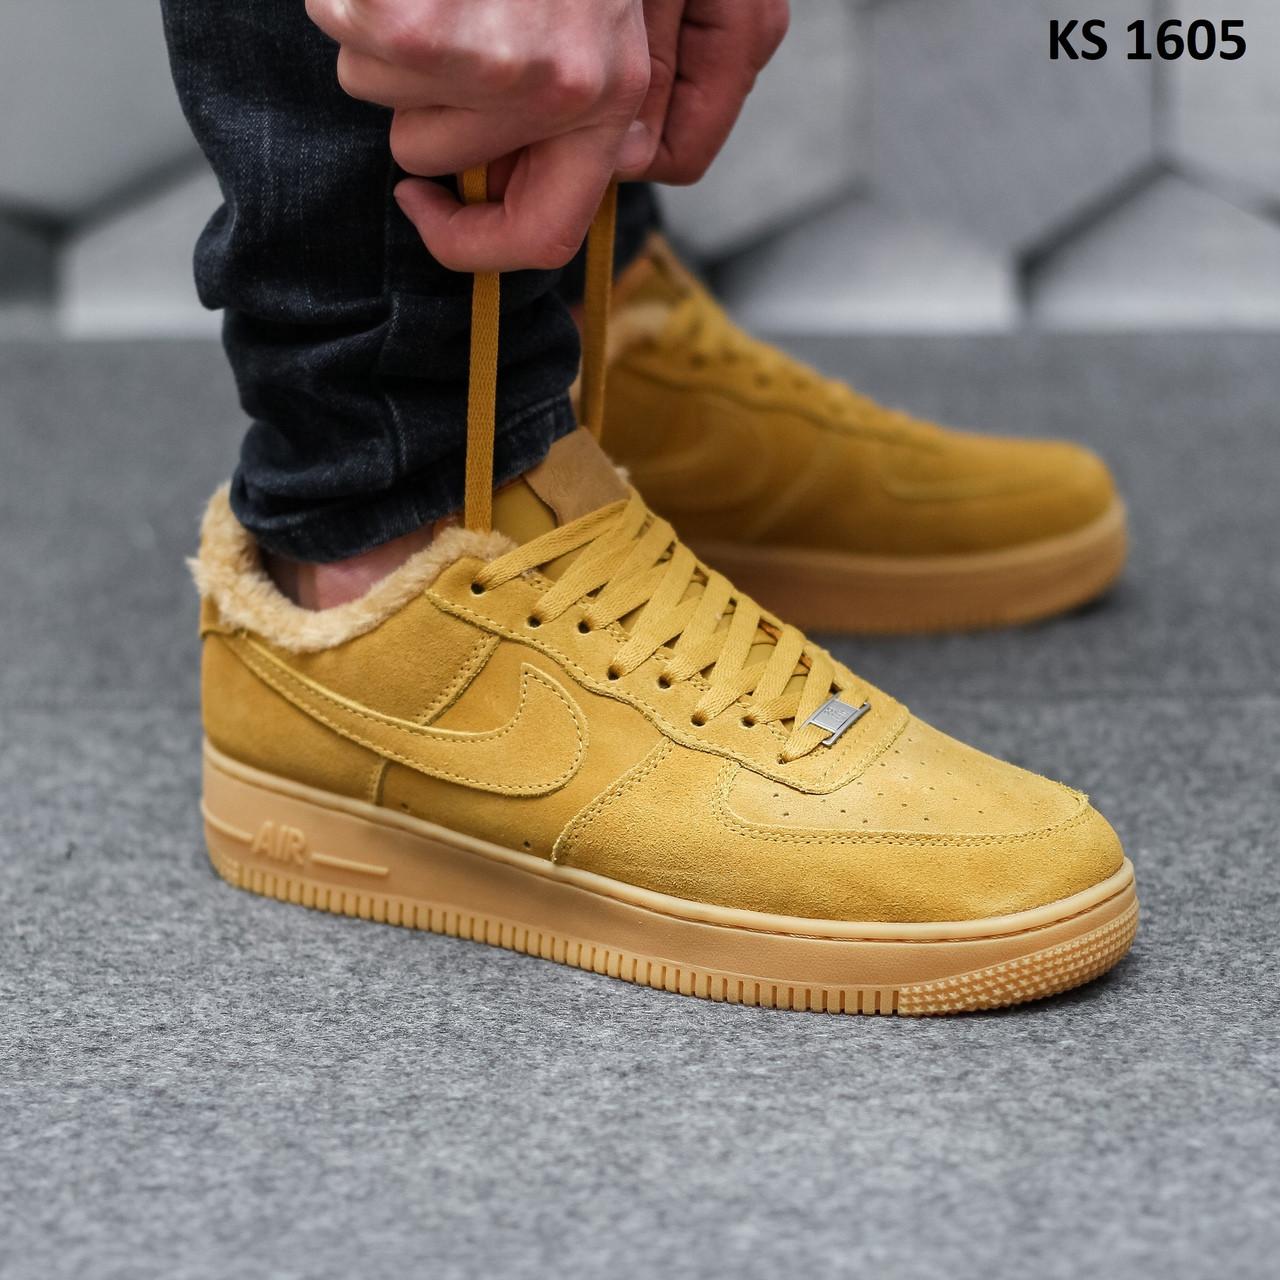 Мужские зимние кроссовки Nike Air Force 1 07 Mid LV8 (коричневые) KS 1605